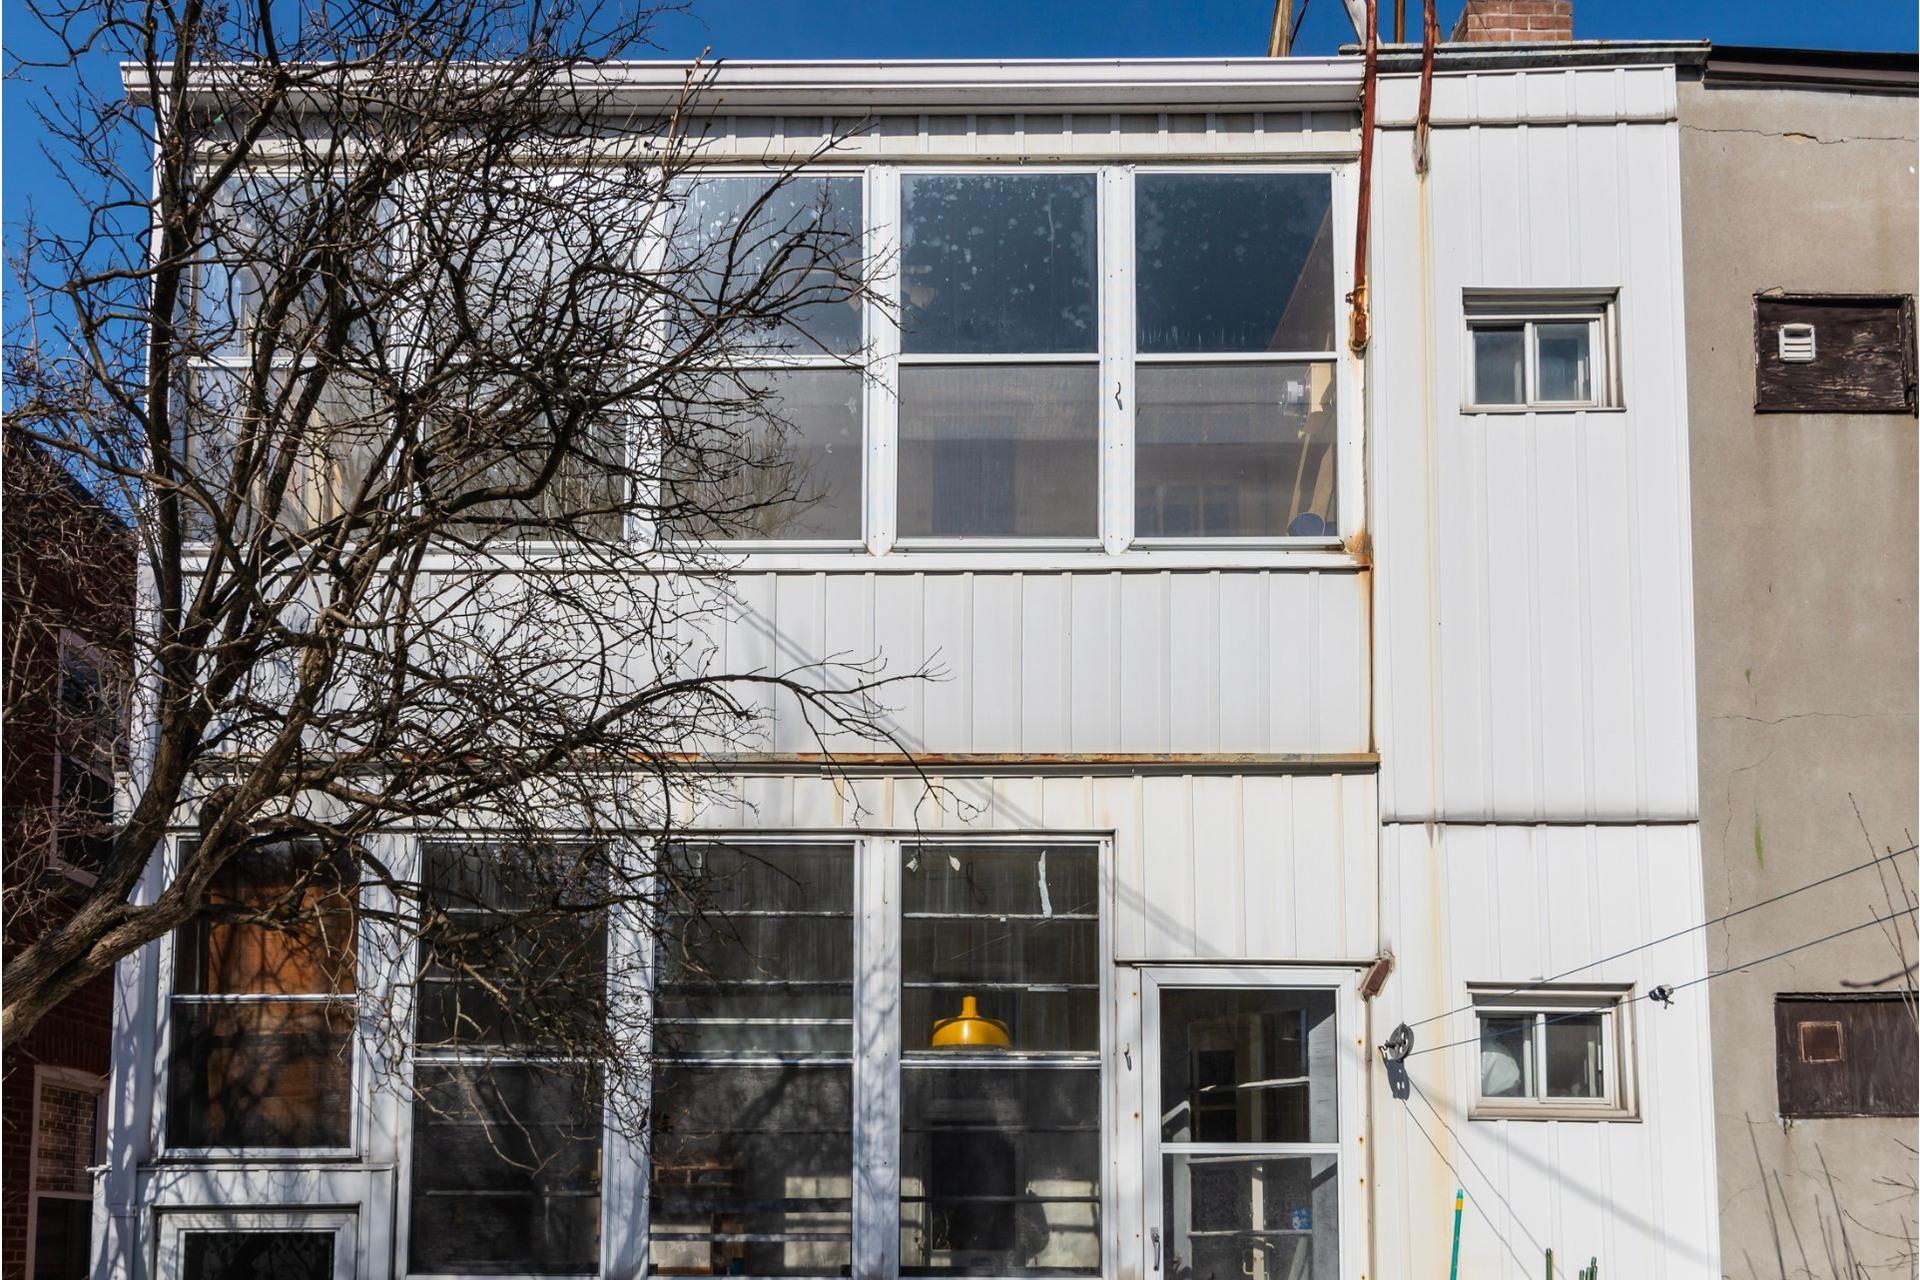 image 32 - Duplex À vendre Côte-des-Neiges/Notre-Dame-de-Grâce Montréal  - 6 pièces